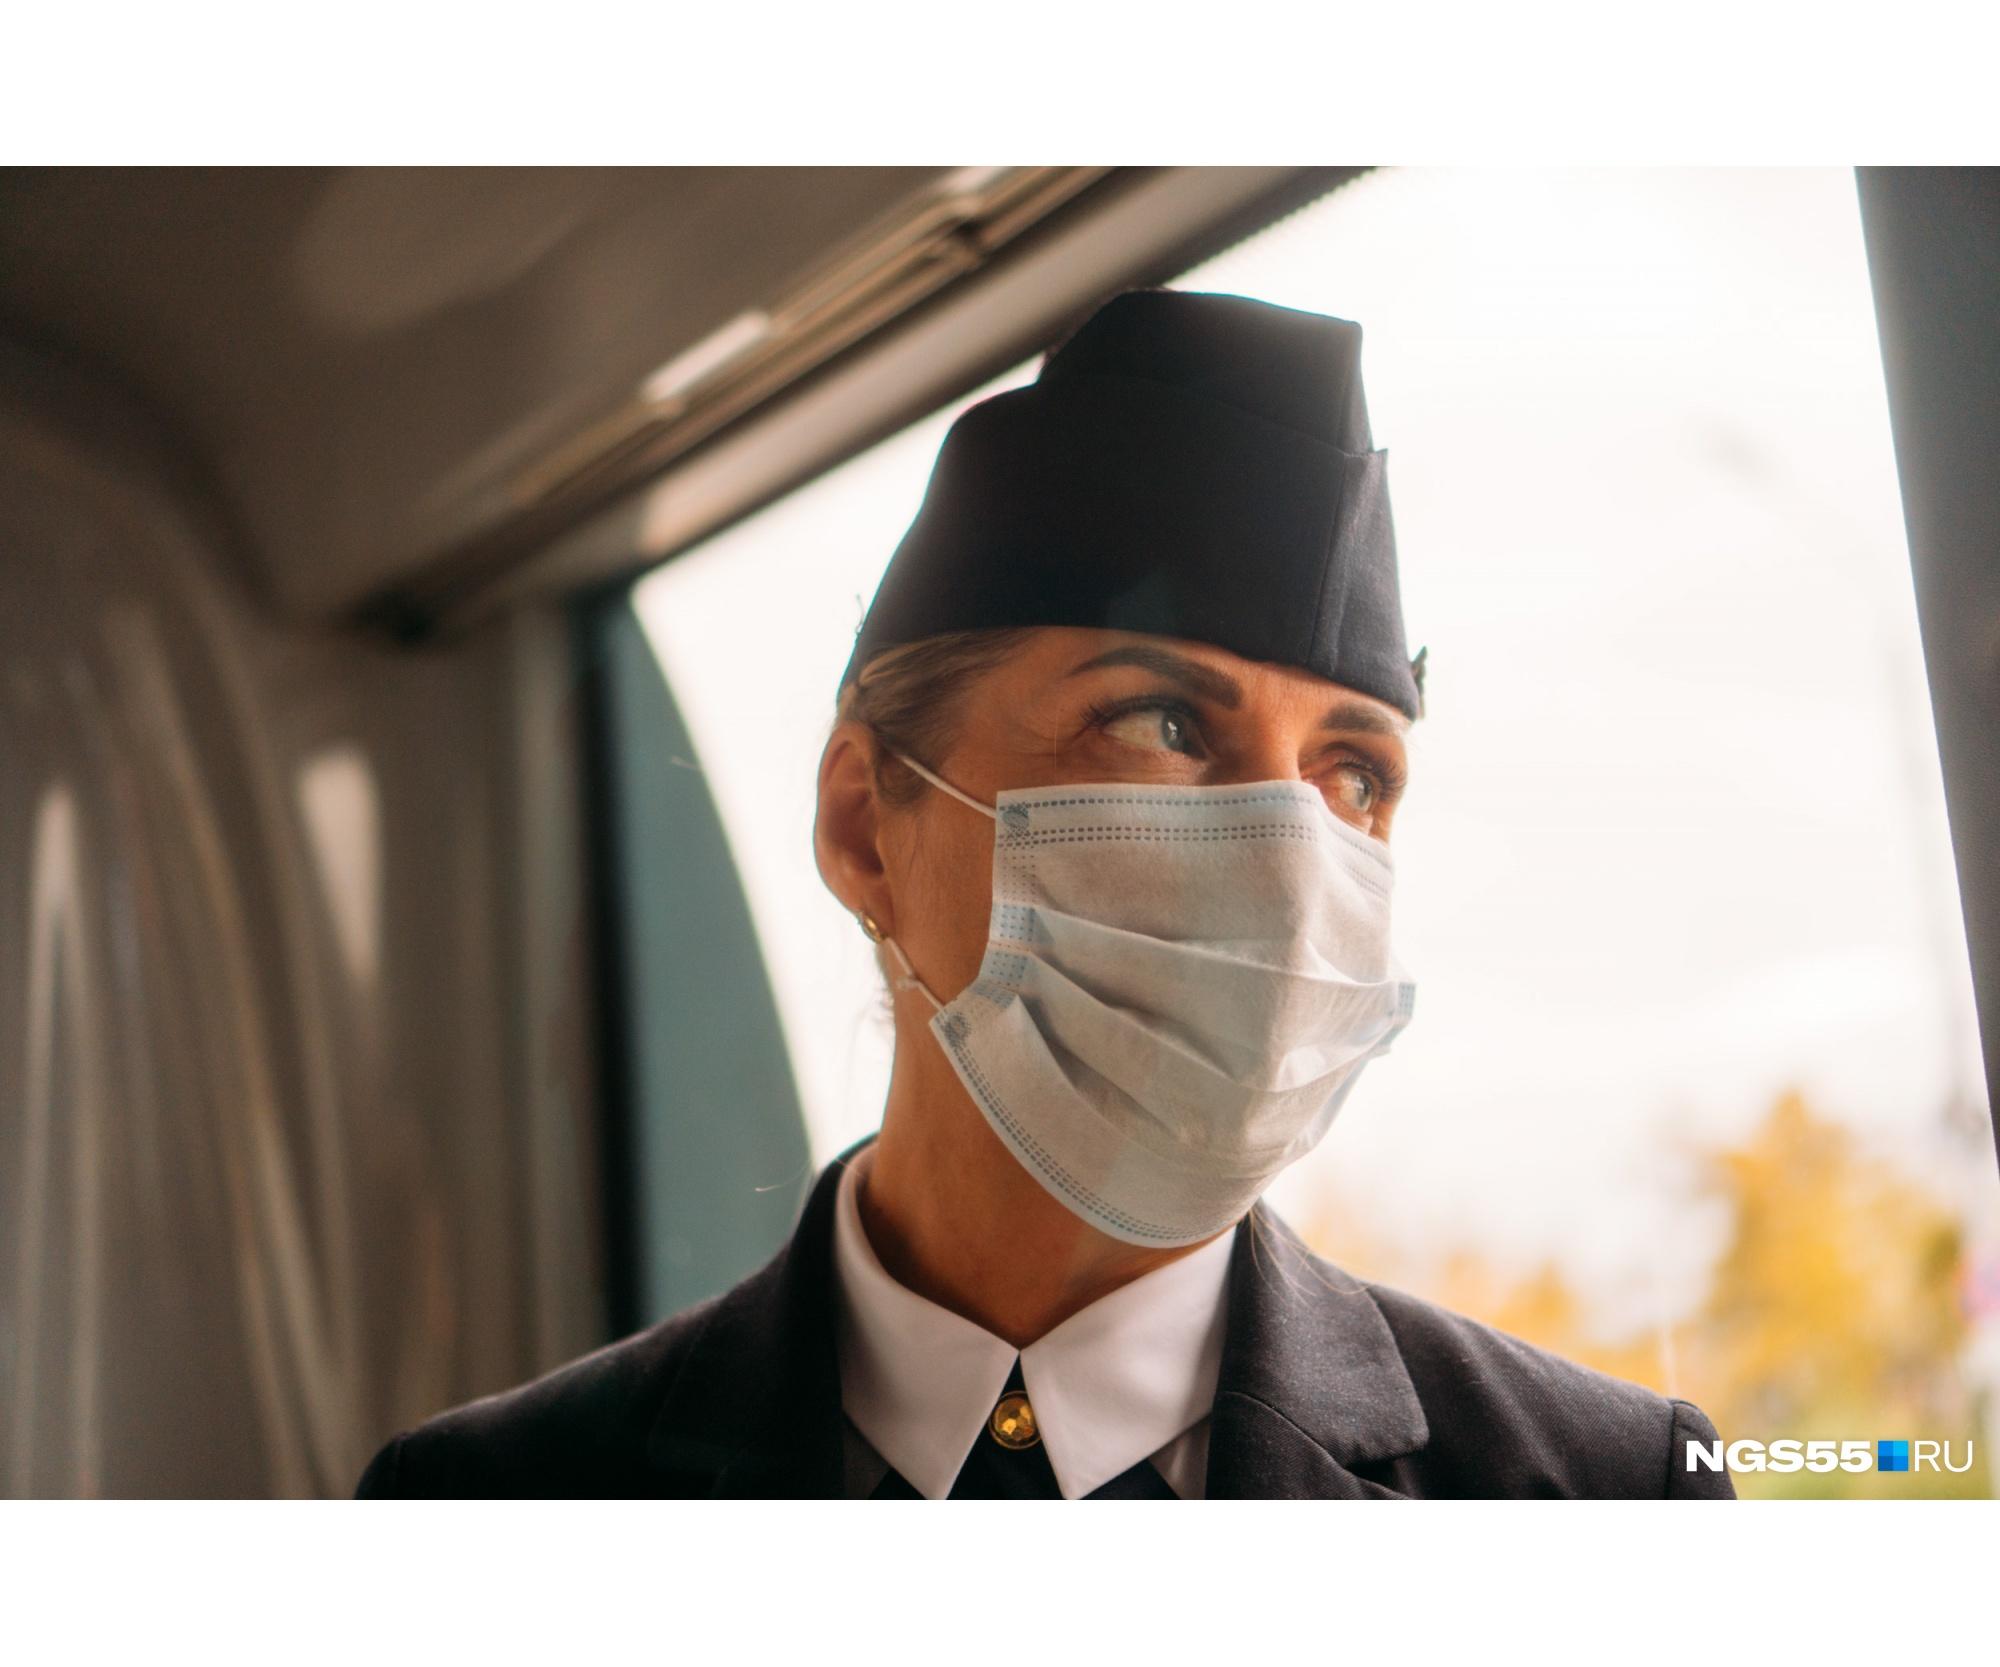 Наталья говорит, что целый день работать в маске сложно